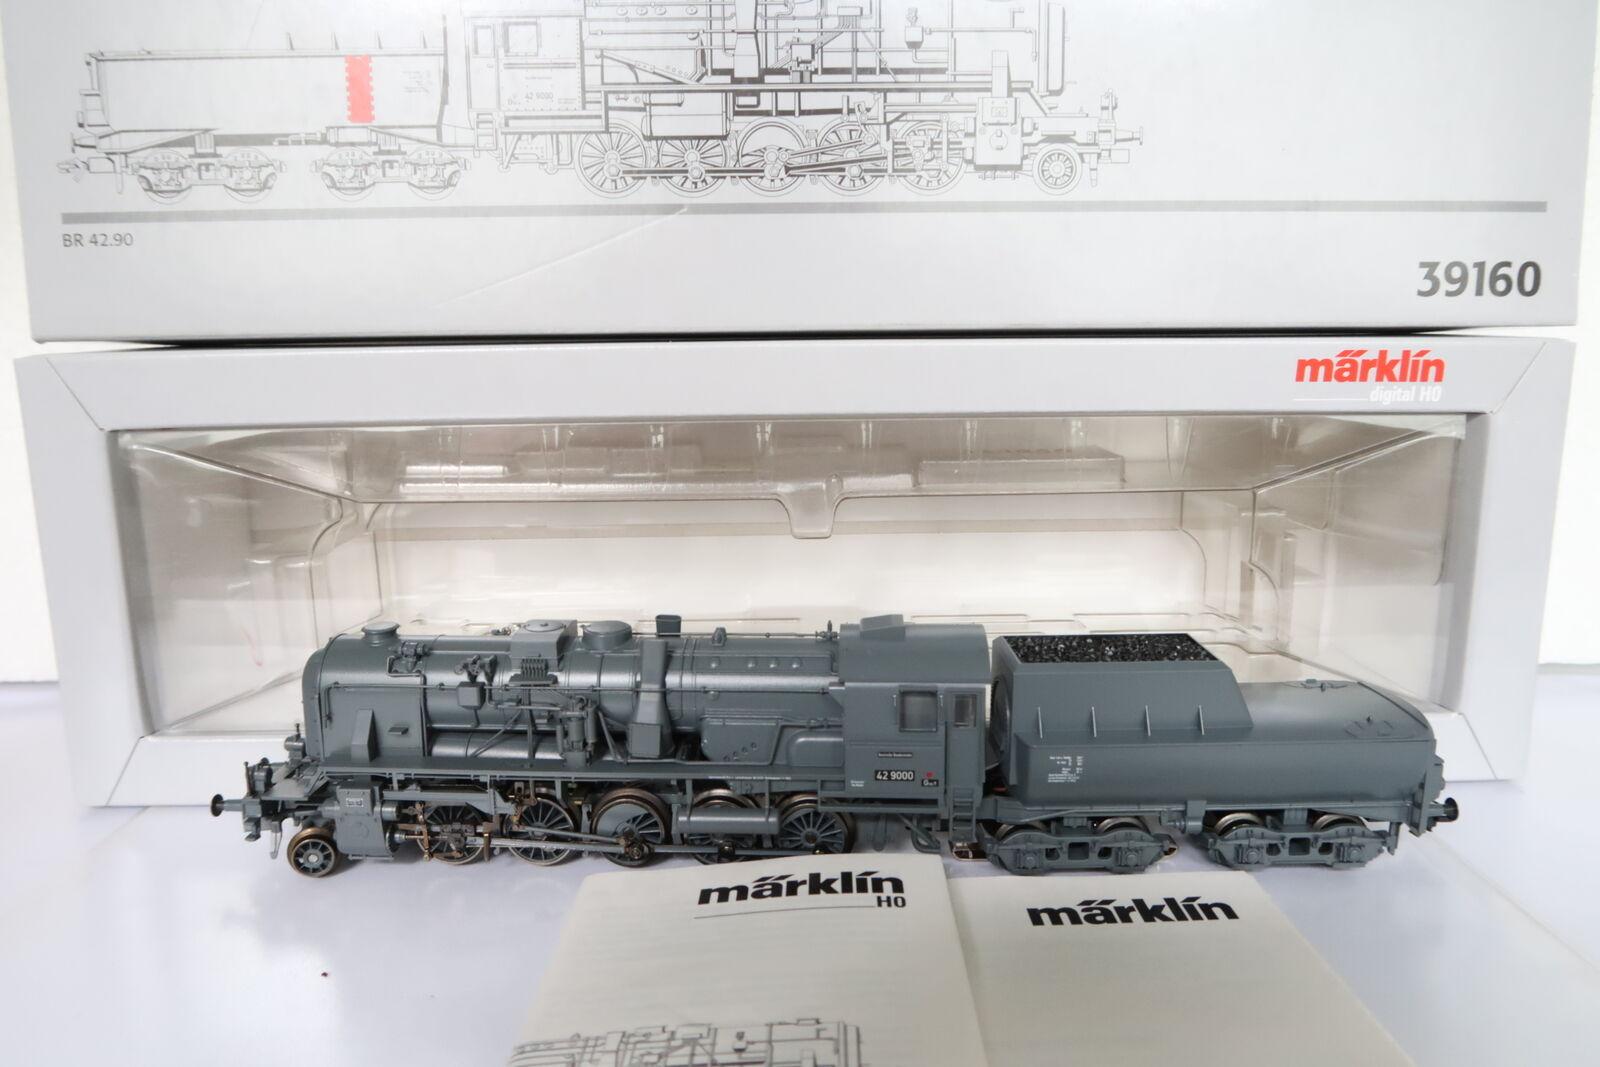 Digital Märklin HO AC 39160 a vapore Lok Franco Crosti BR 42 9000 DB (dh 13-99r3 1)